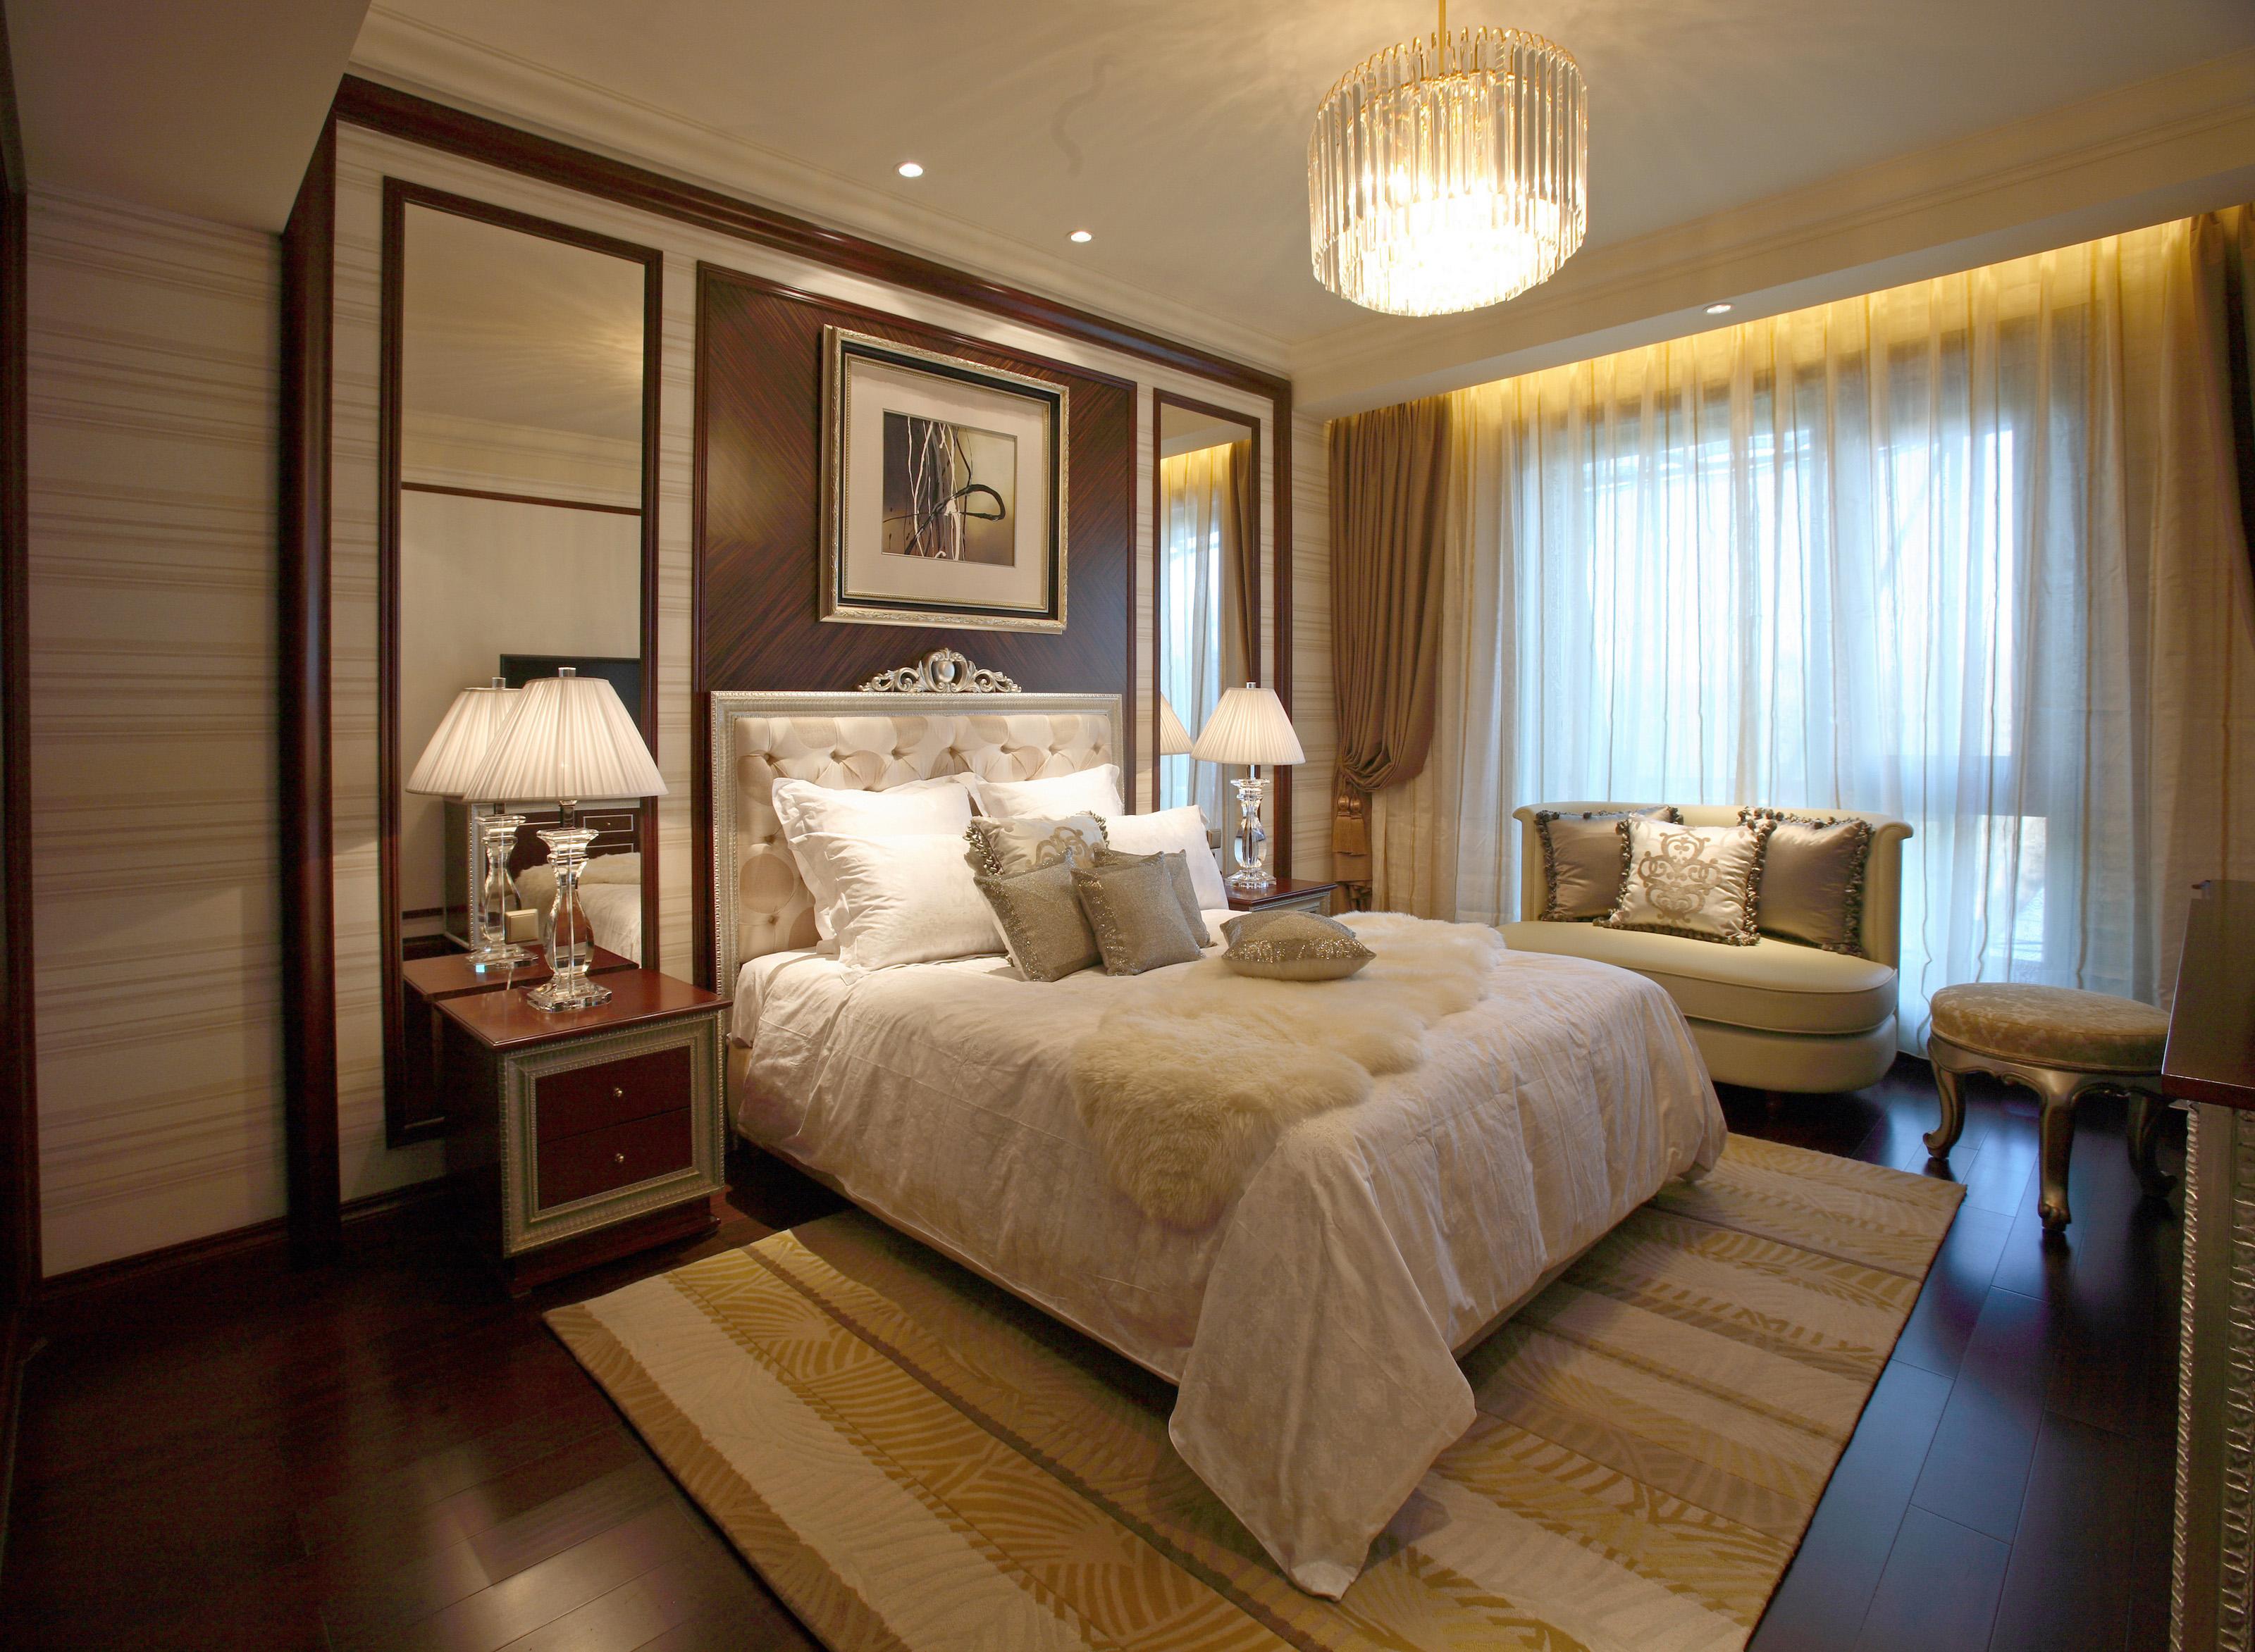 豪华古典欧式风格卧室装修效果图